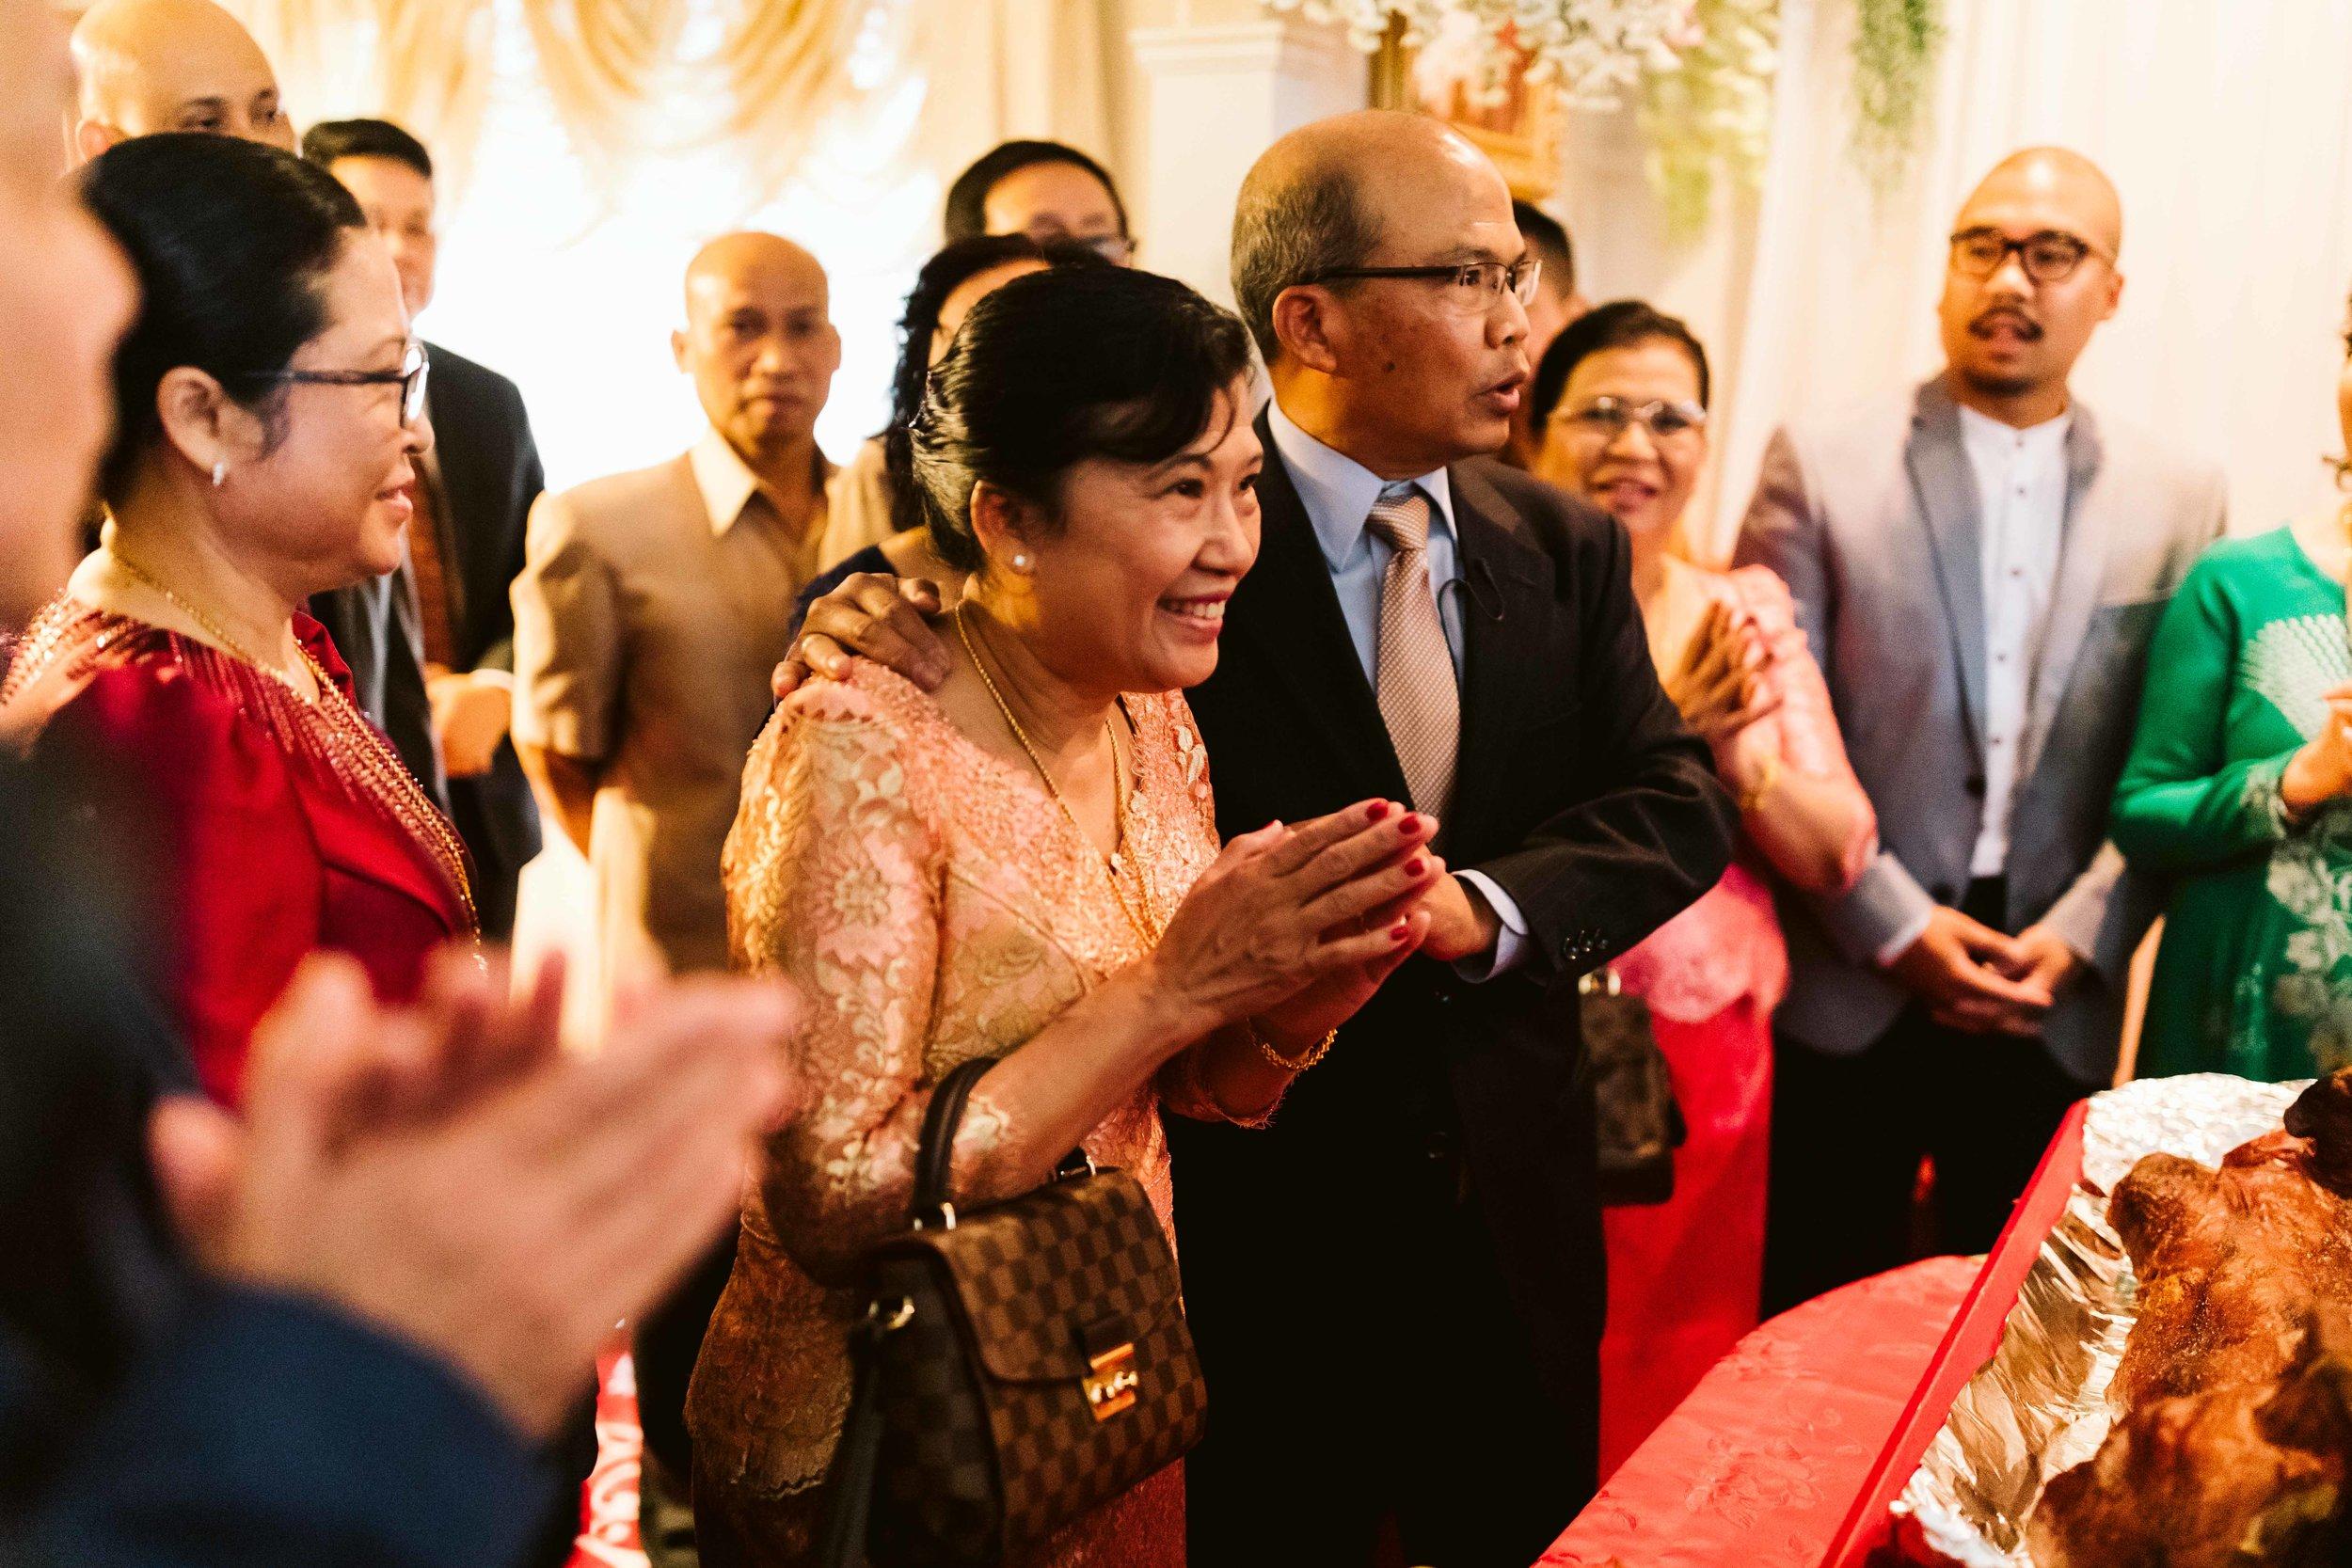 portland-oregon-wedding-19.jpg